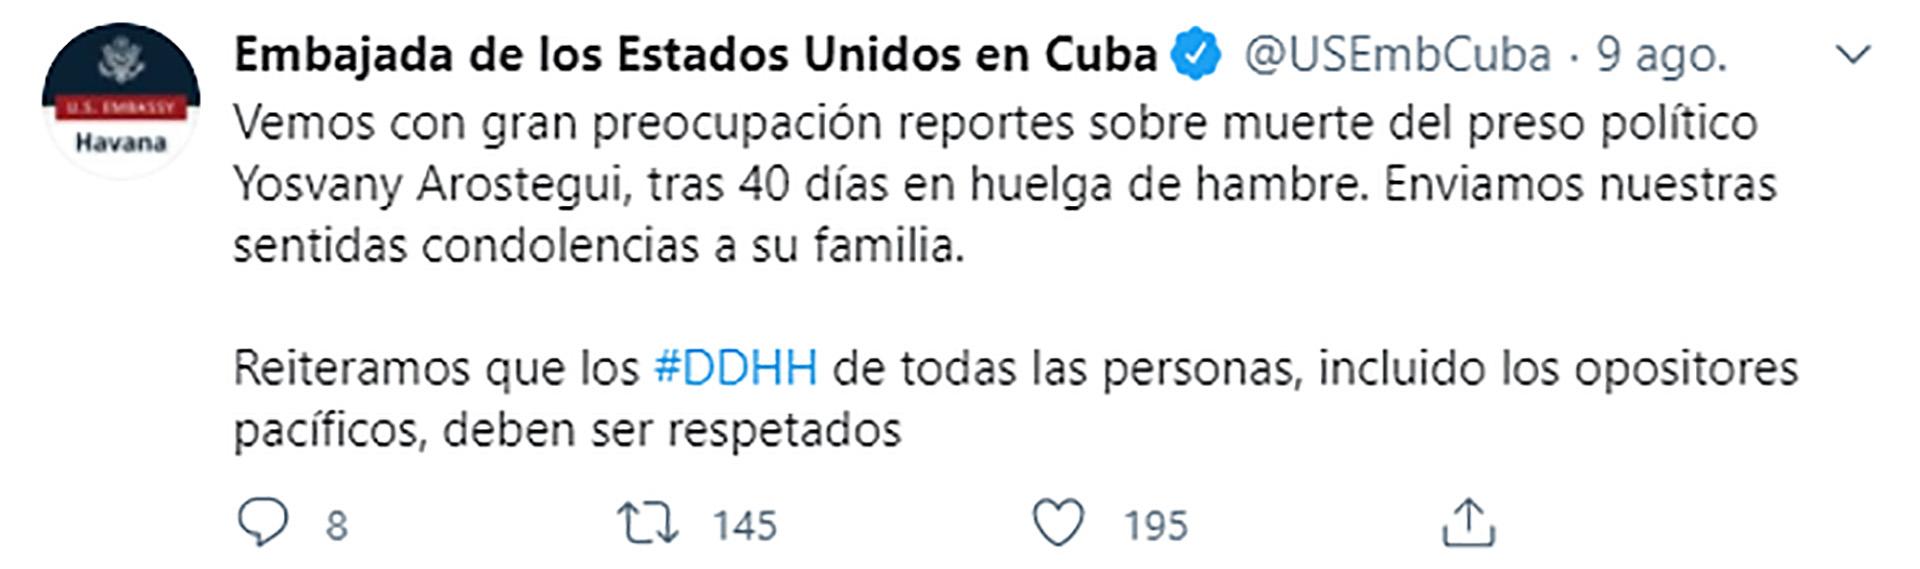 El tuit de la Embajada de EEUU